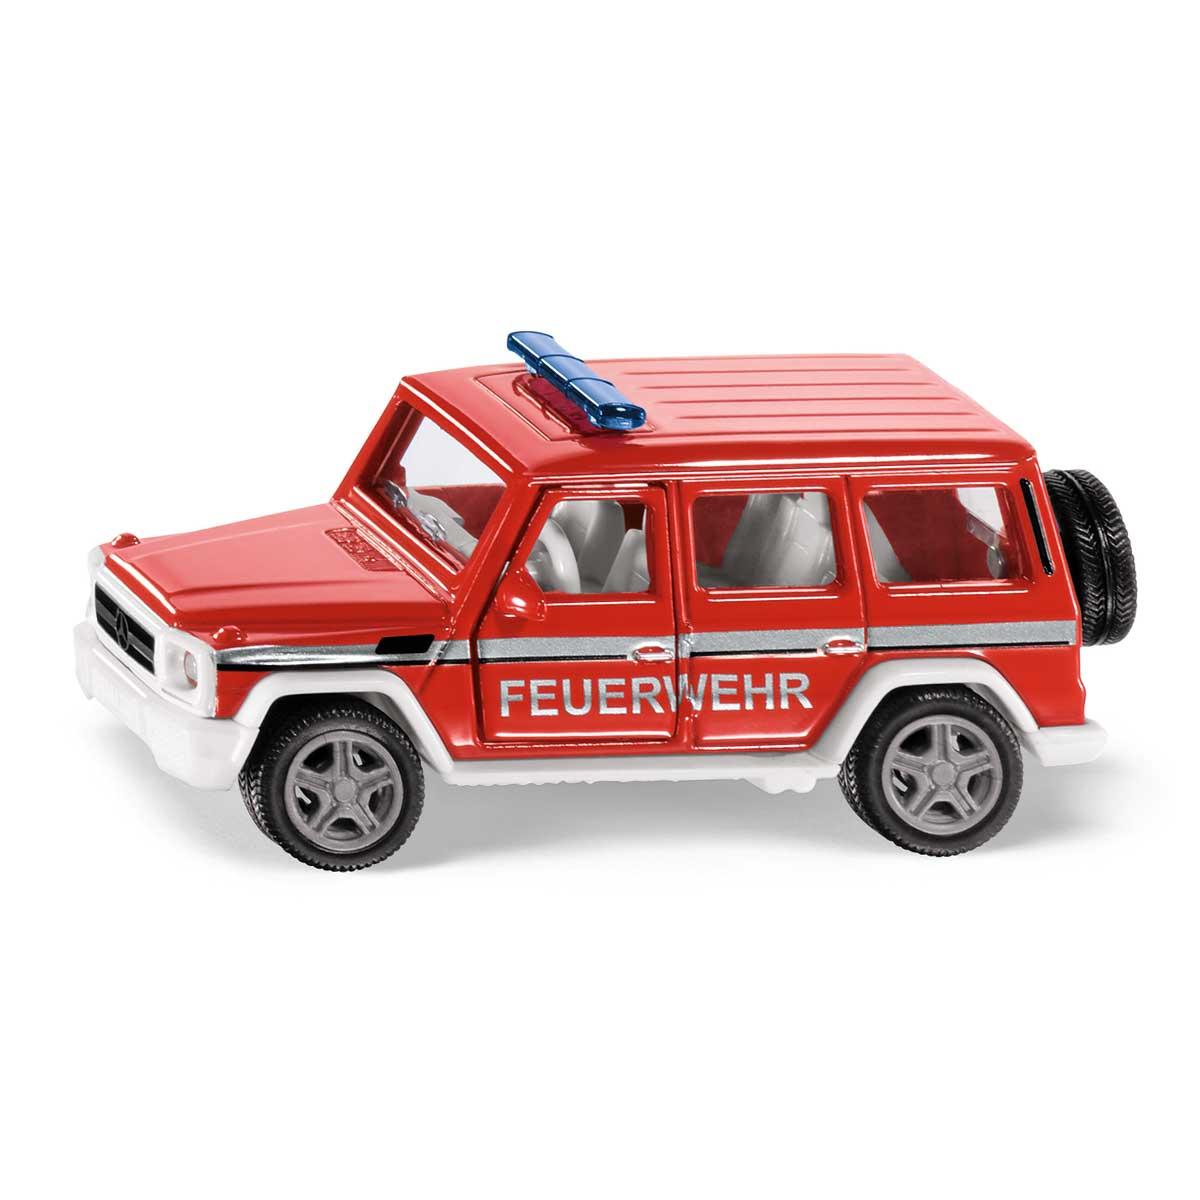 メルセデスAMG G65 消防指令車 1:50(ジク・SIKU)